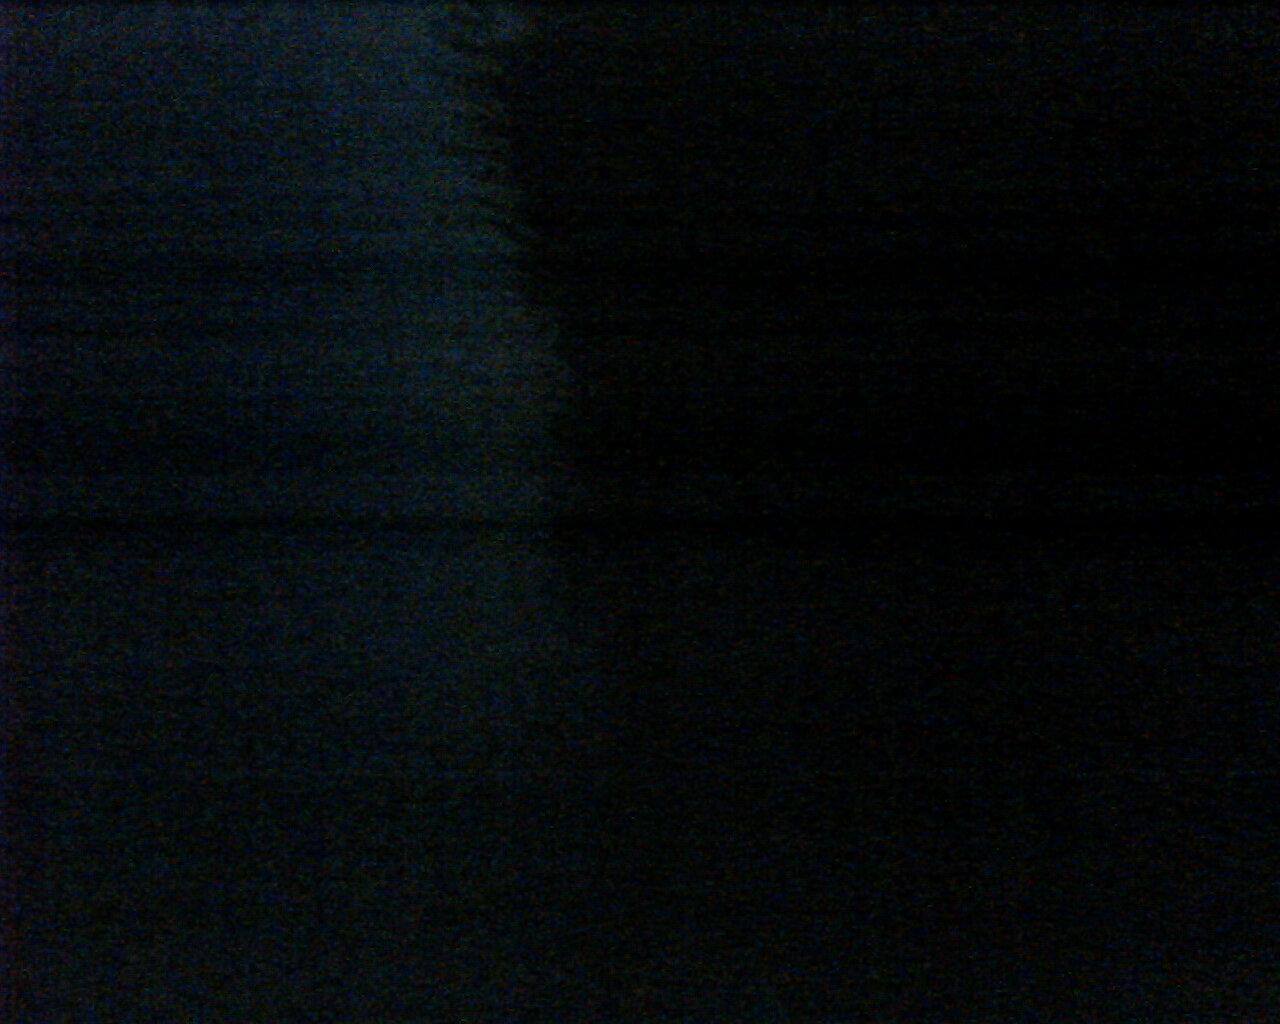 IMG00436-hilton_head_beach_eve8